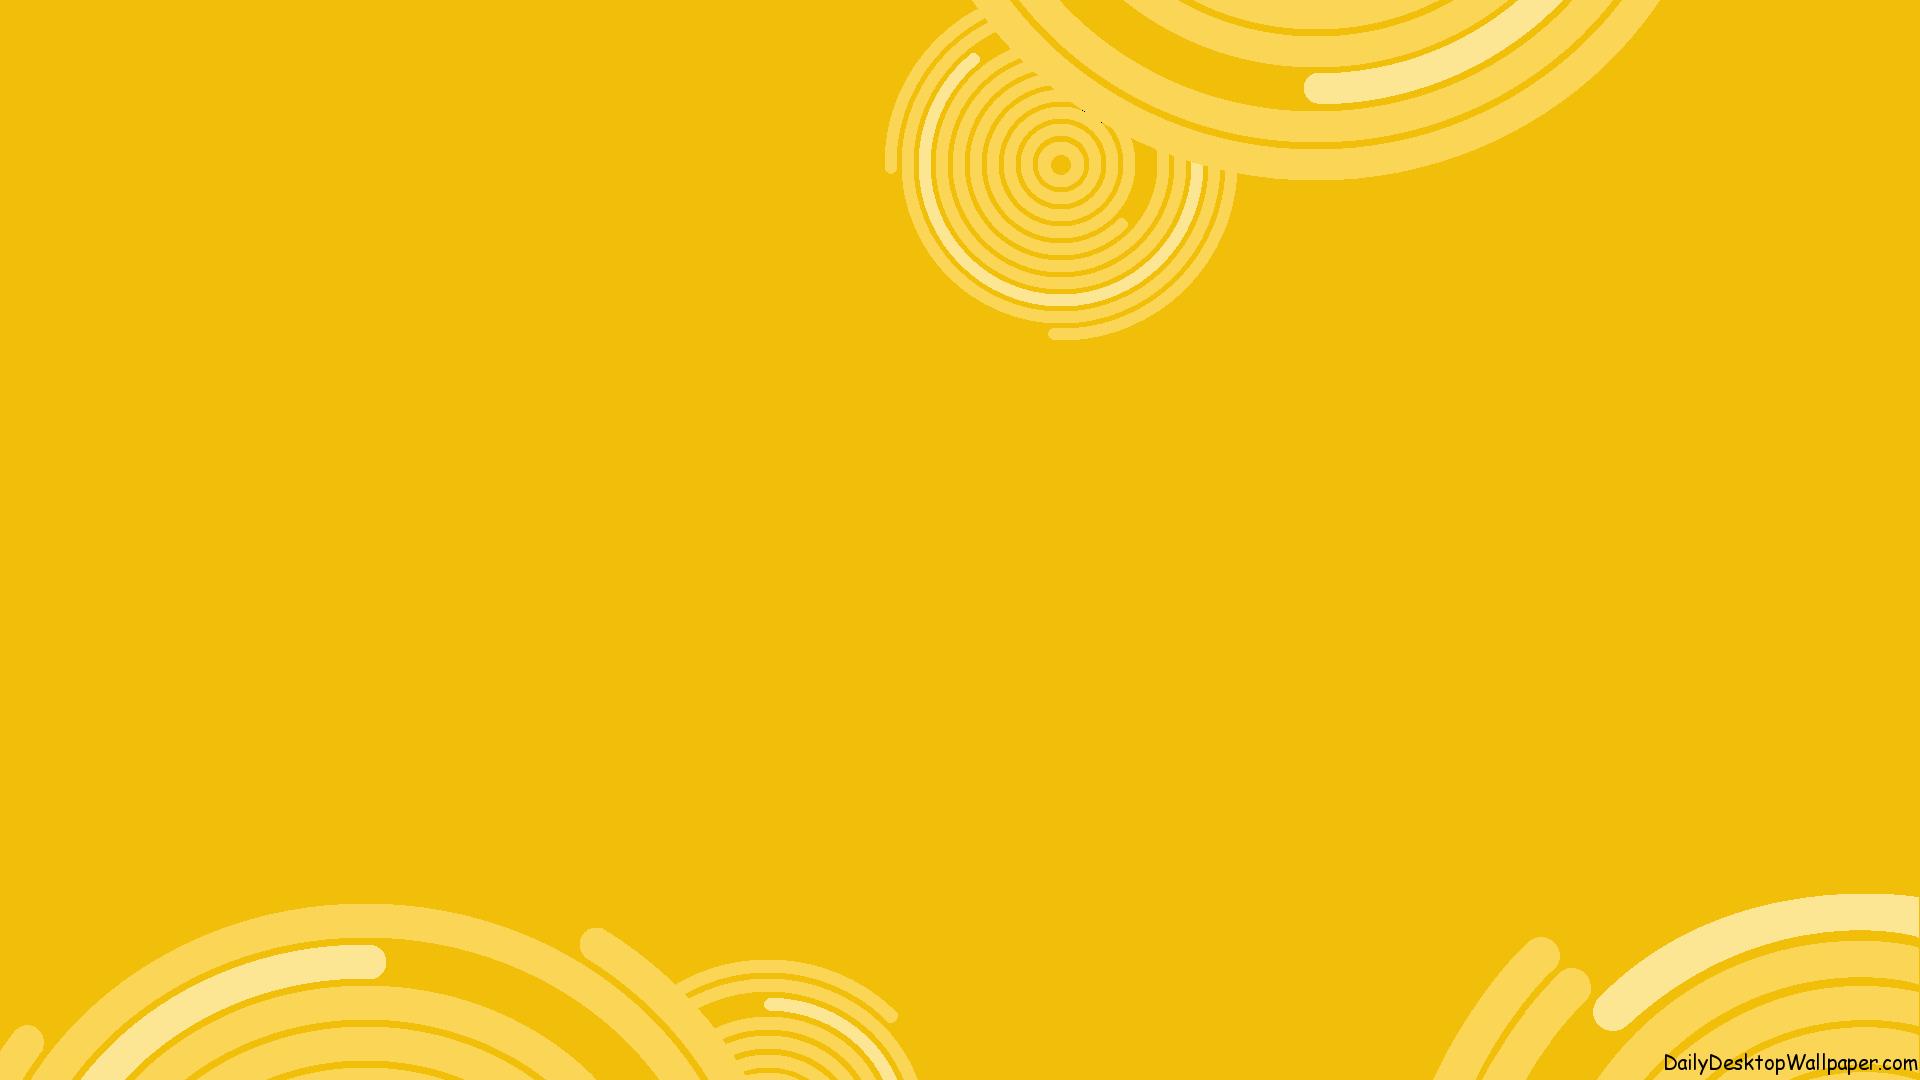 Hình nền màu vàng họa tiết hình tròn